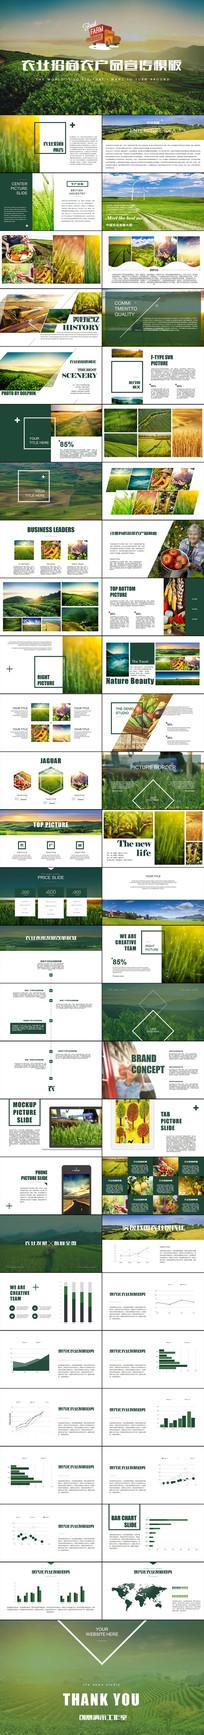 绿色生态农业招商农产品种植PPT模板